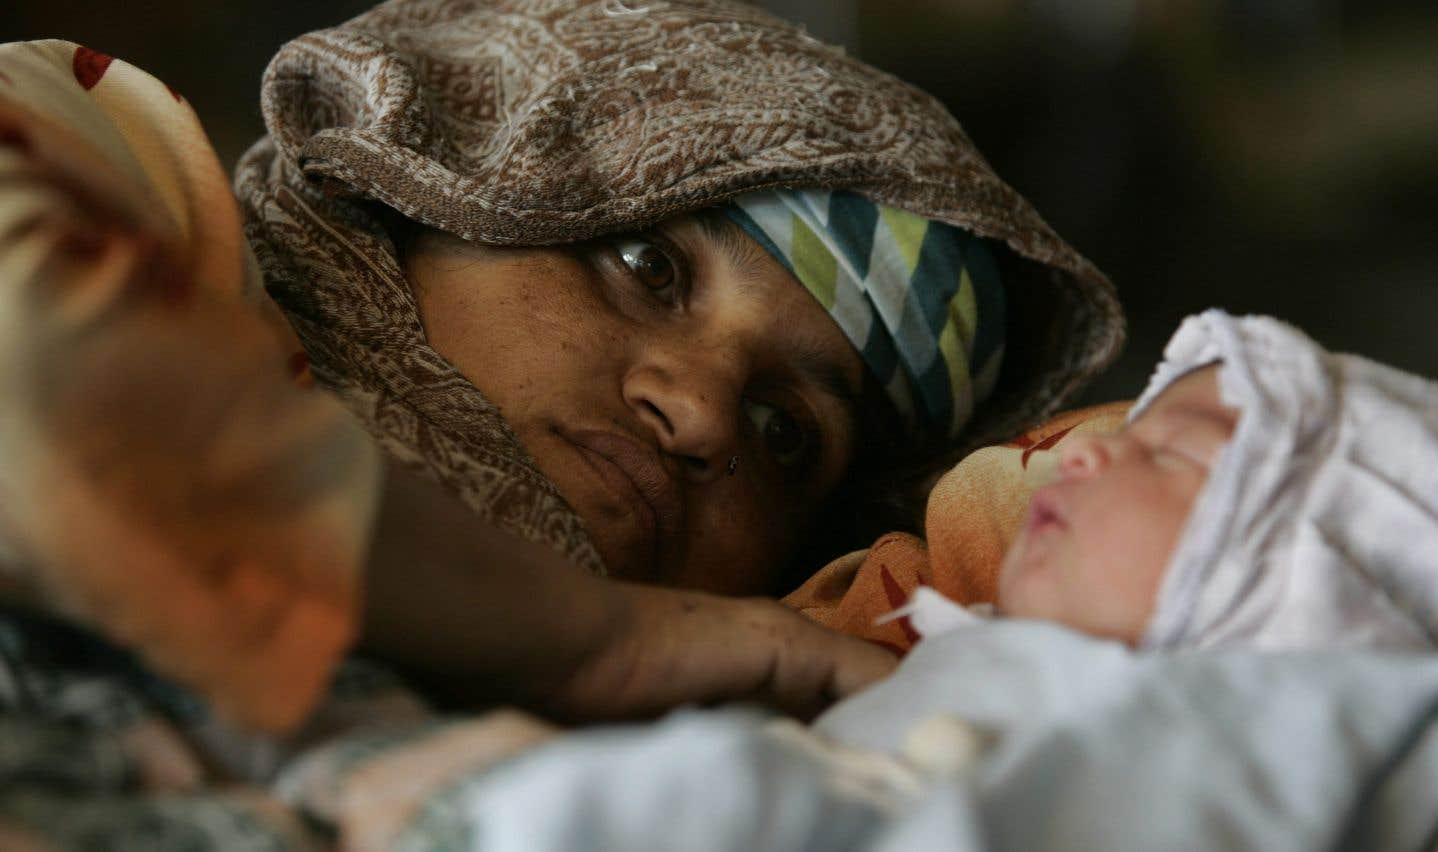 Pour chaque 1000 enfants qui naissent au Pakistan, 46 meurent à la naissance.